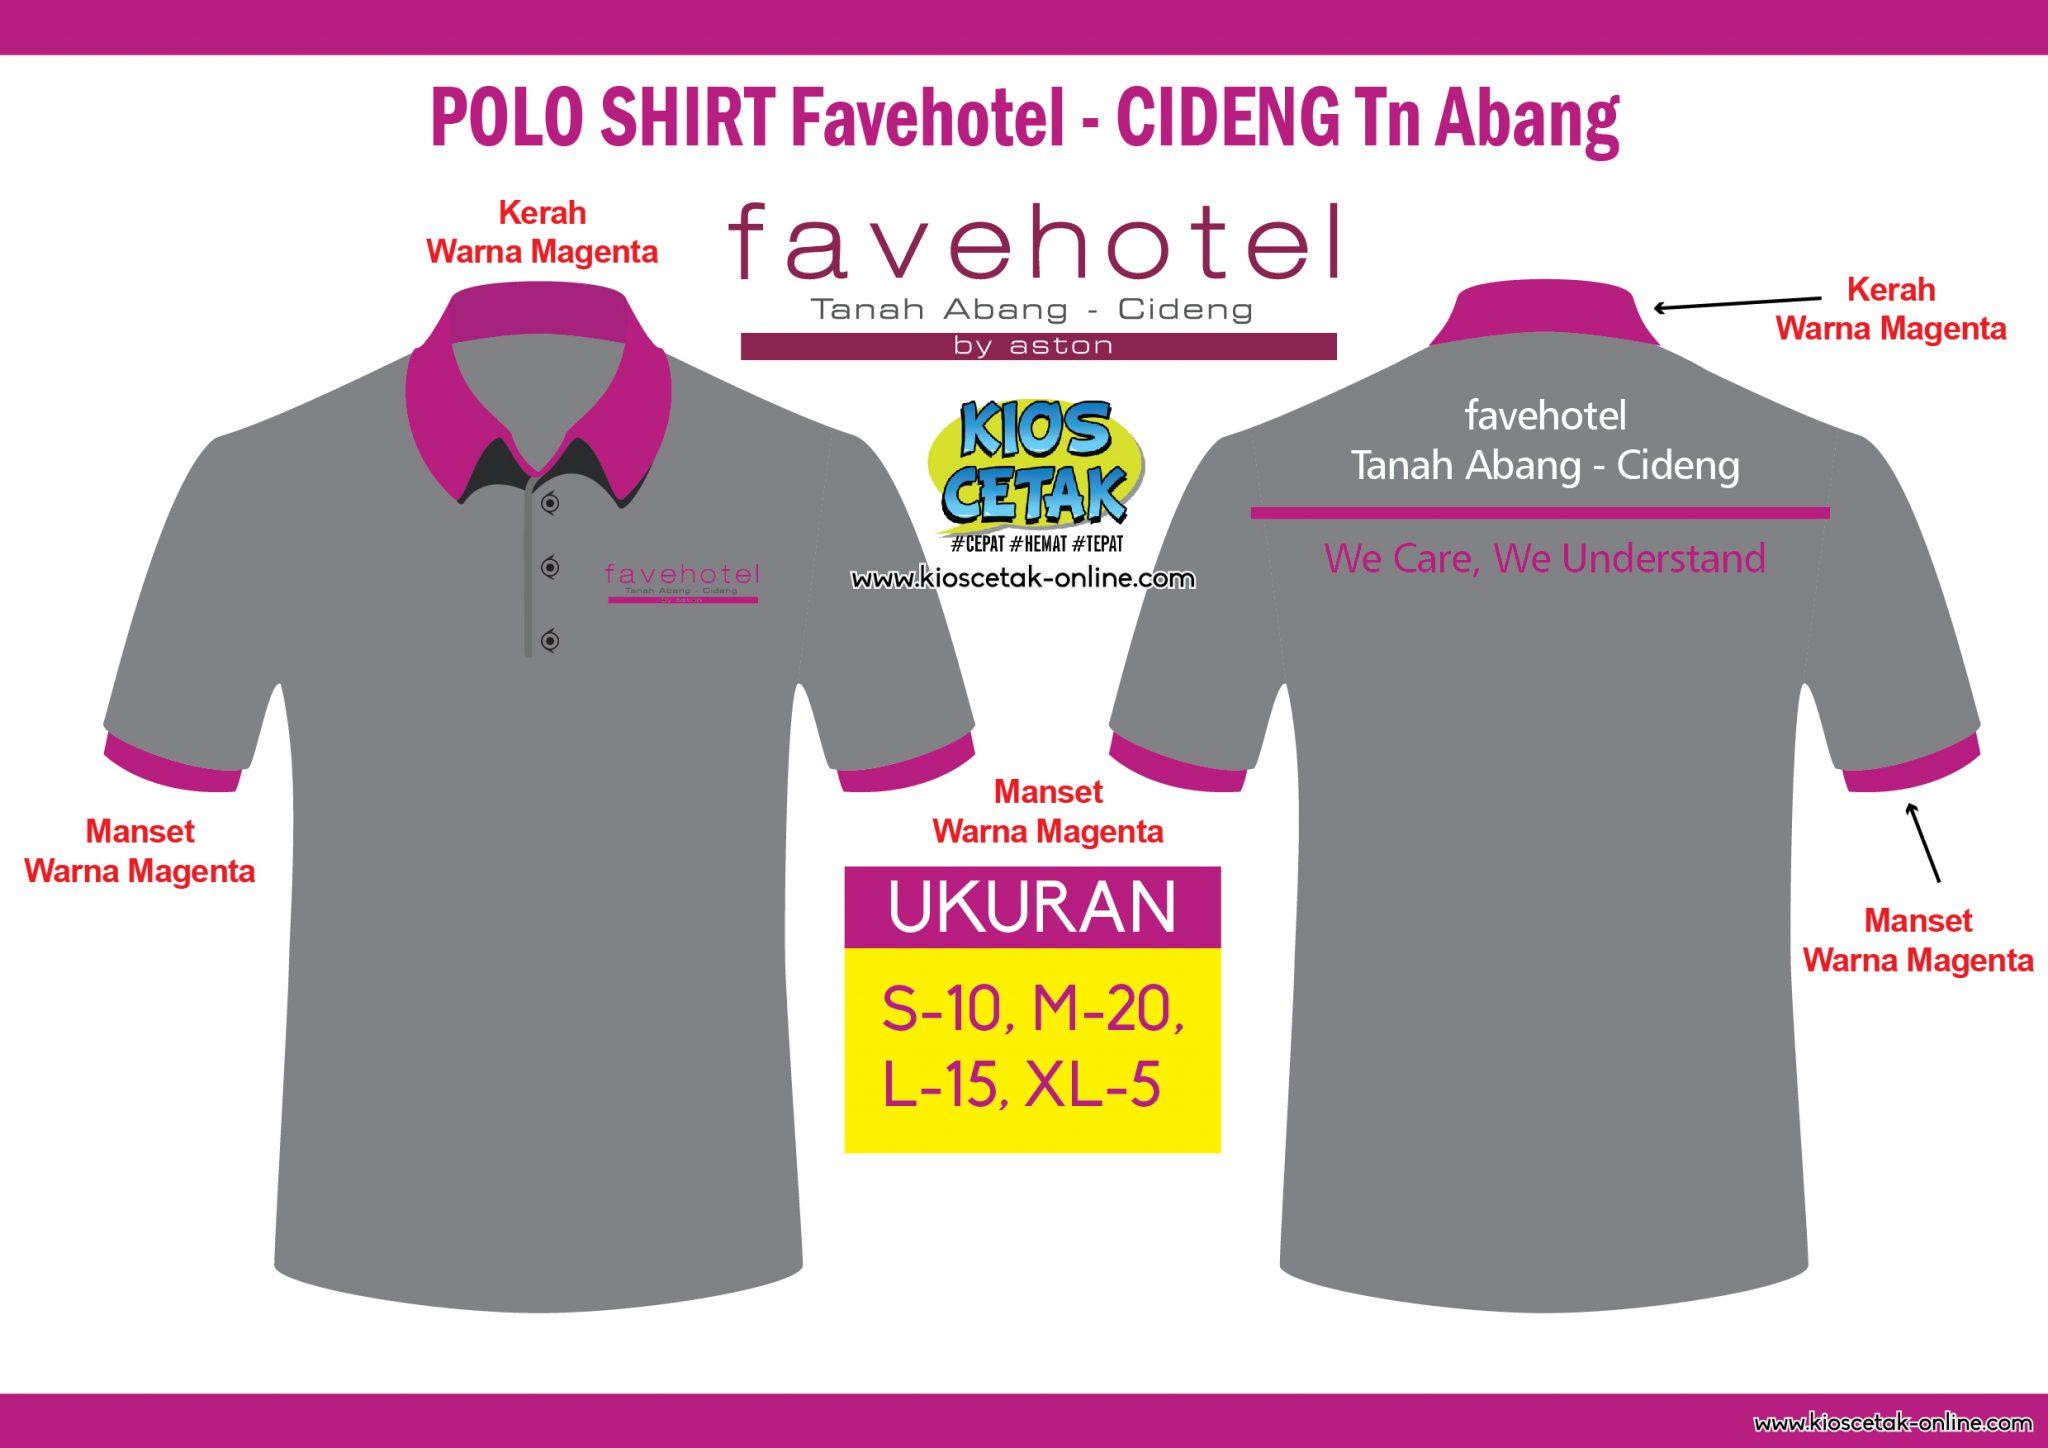 Polo Shirt Favehotel Cideng Tanah Abang Kioscetak Online Konveksi Berkualitas Terpercaya